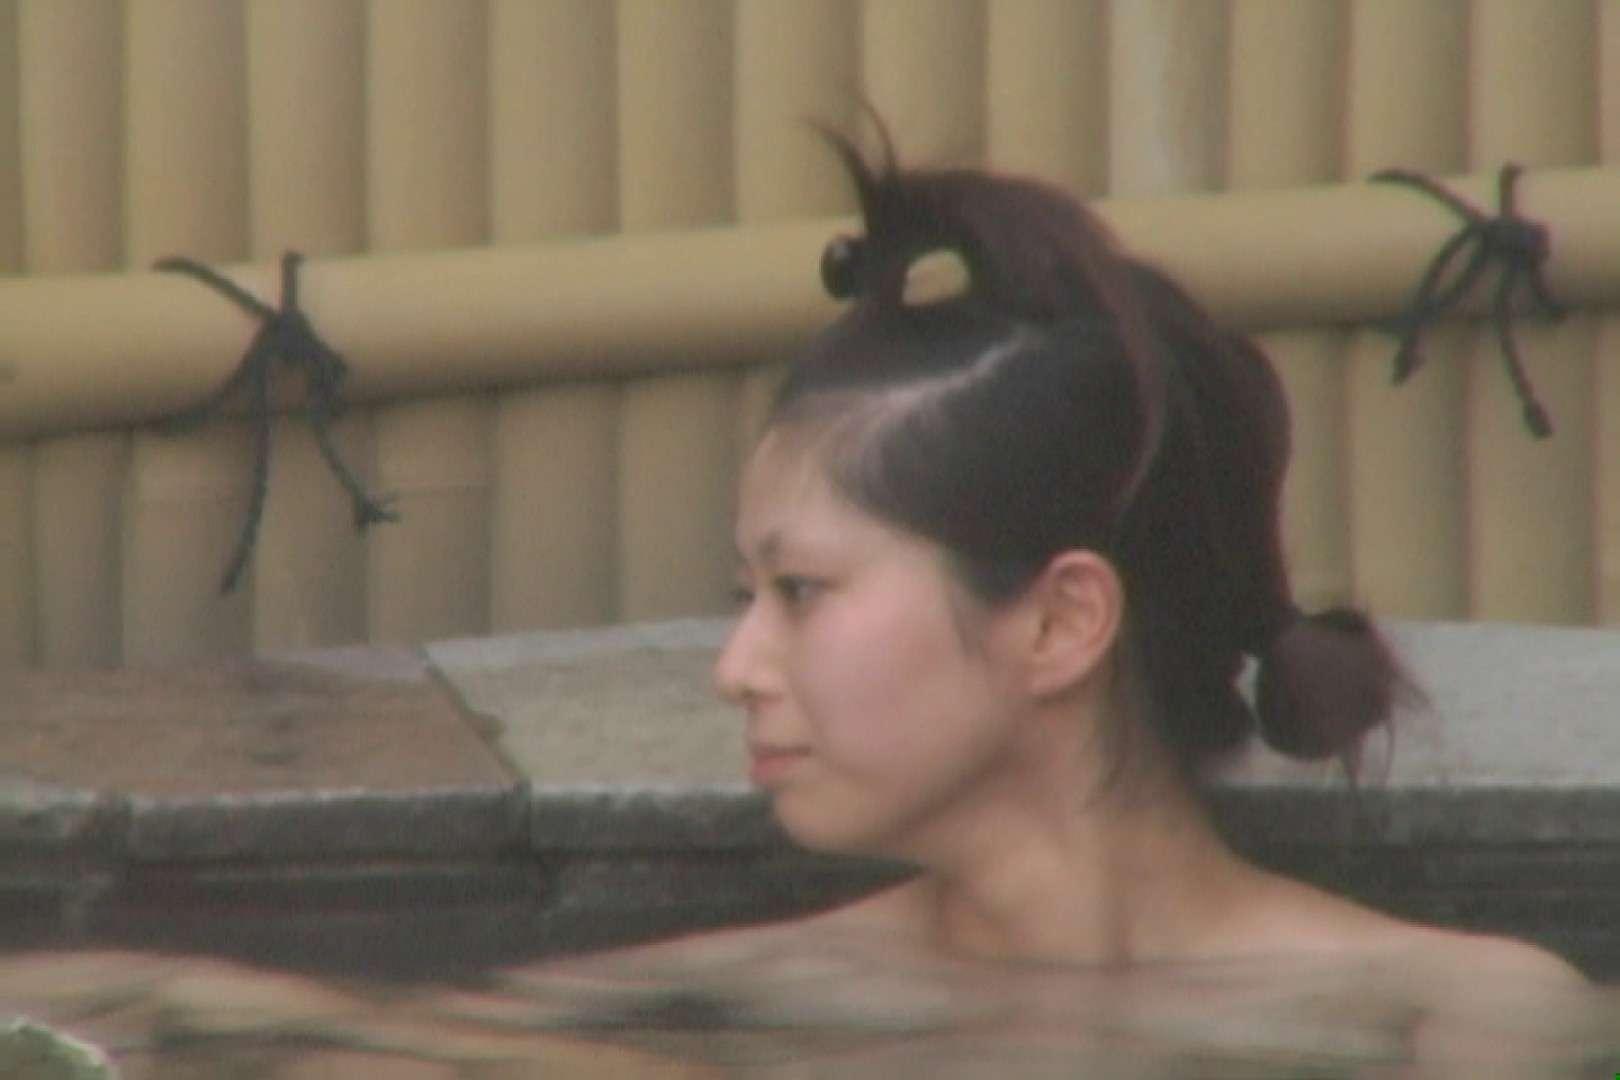 Aquaな露天風呂Vol.610 OLハメ撮り  74Pix 51